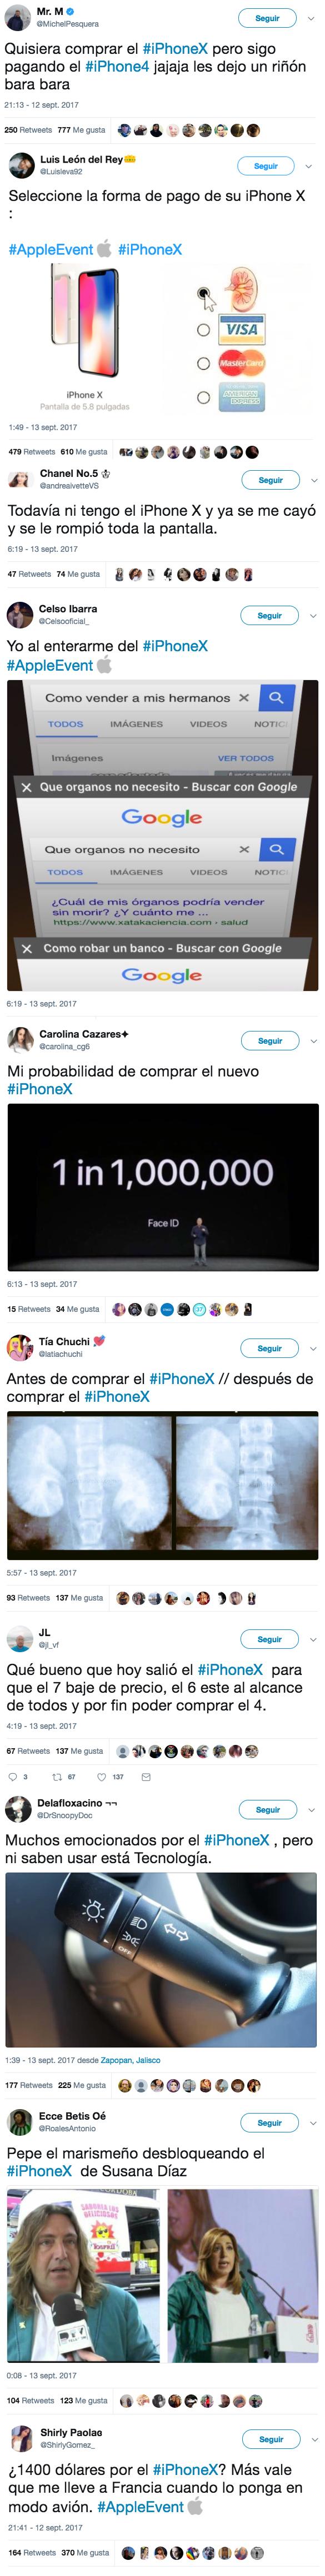 Los mejores memes y tuits sobre el nuevo iPhone X